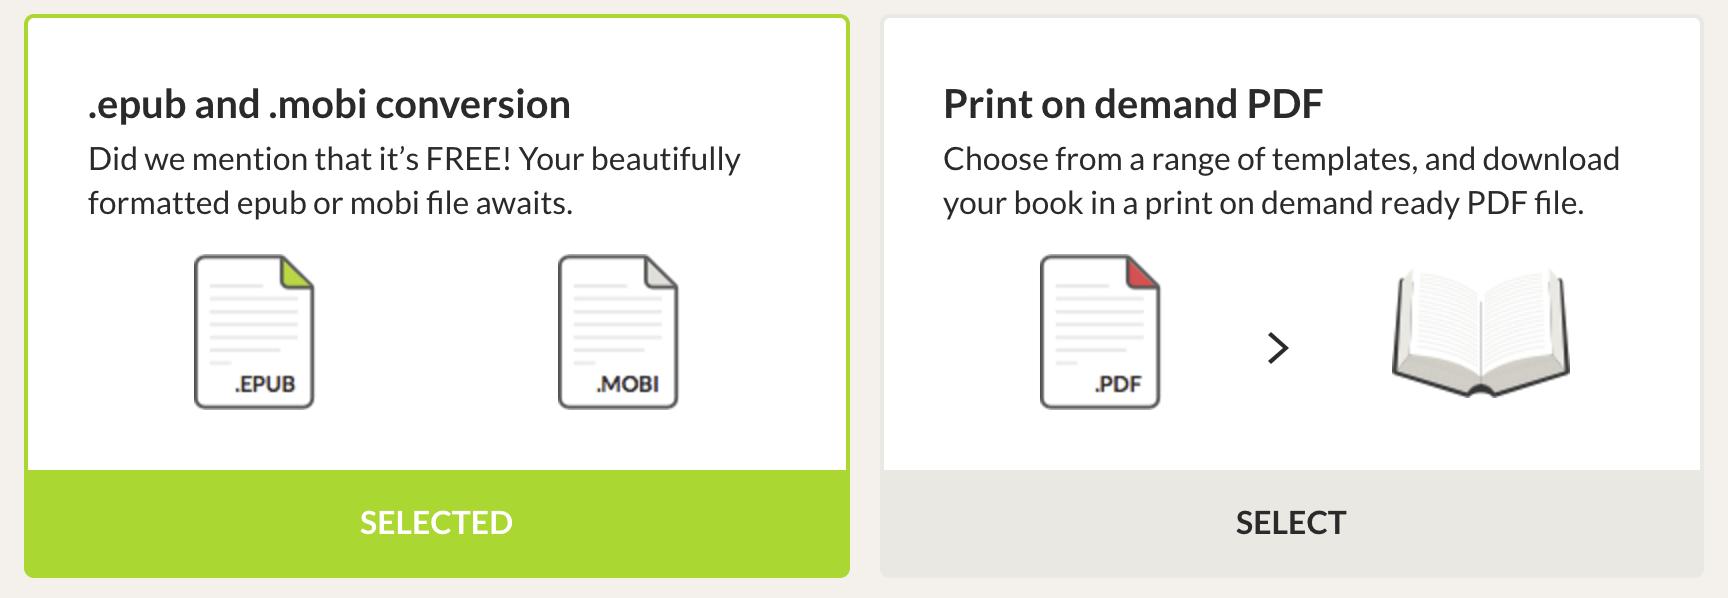 EPUB and PDF conversion